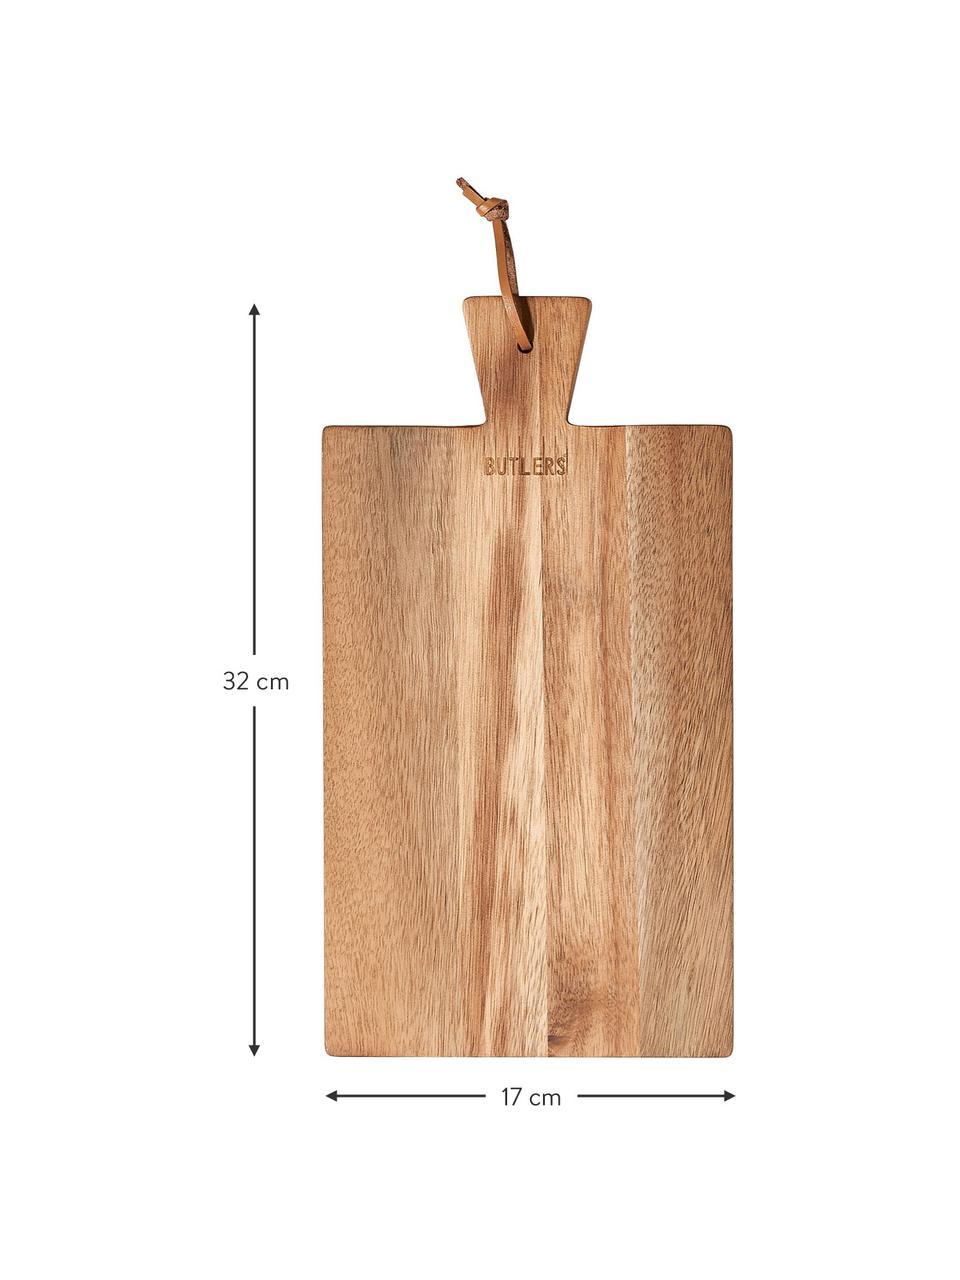 Akazienholz-Schneidebrett Cutting Crew mit Lederschlaufe, verschiedene Größen, Akazienholz, 24 x 43 cm